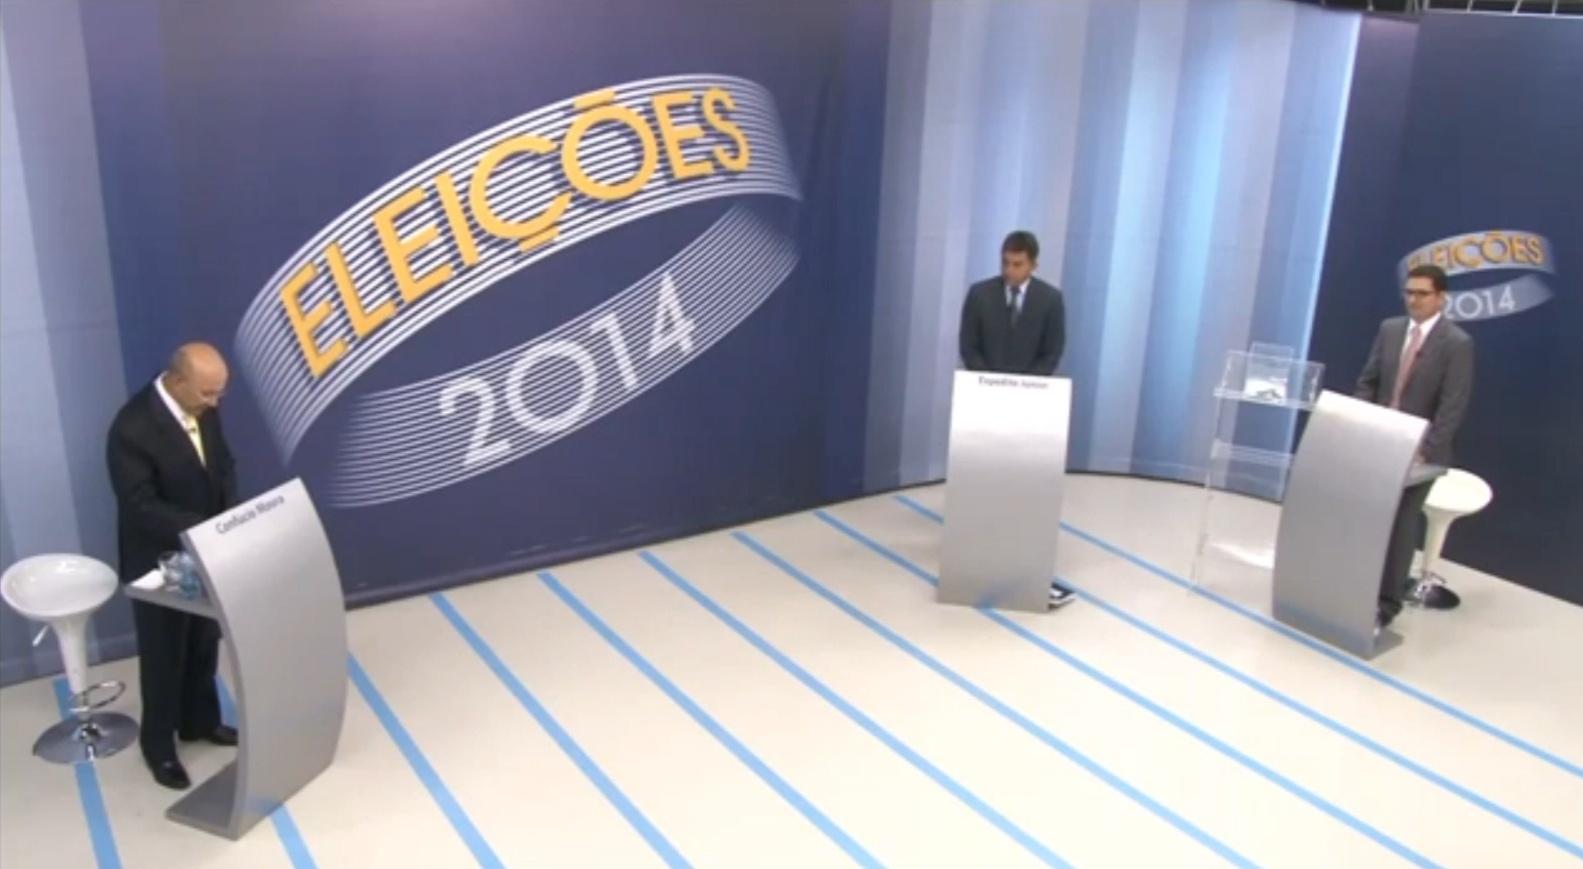 24.out.2014 - Os candidatos ao governo de Rondônia, Confúcio Moura (PMDB) e Expedito Júnior (PSDB), participaram nessa quinta-feira (23) do último debate antes do segundo turno das eleições, promovido pela TV Rondônia, afiliada da Rede Globo